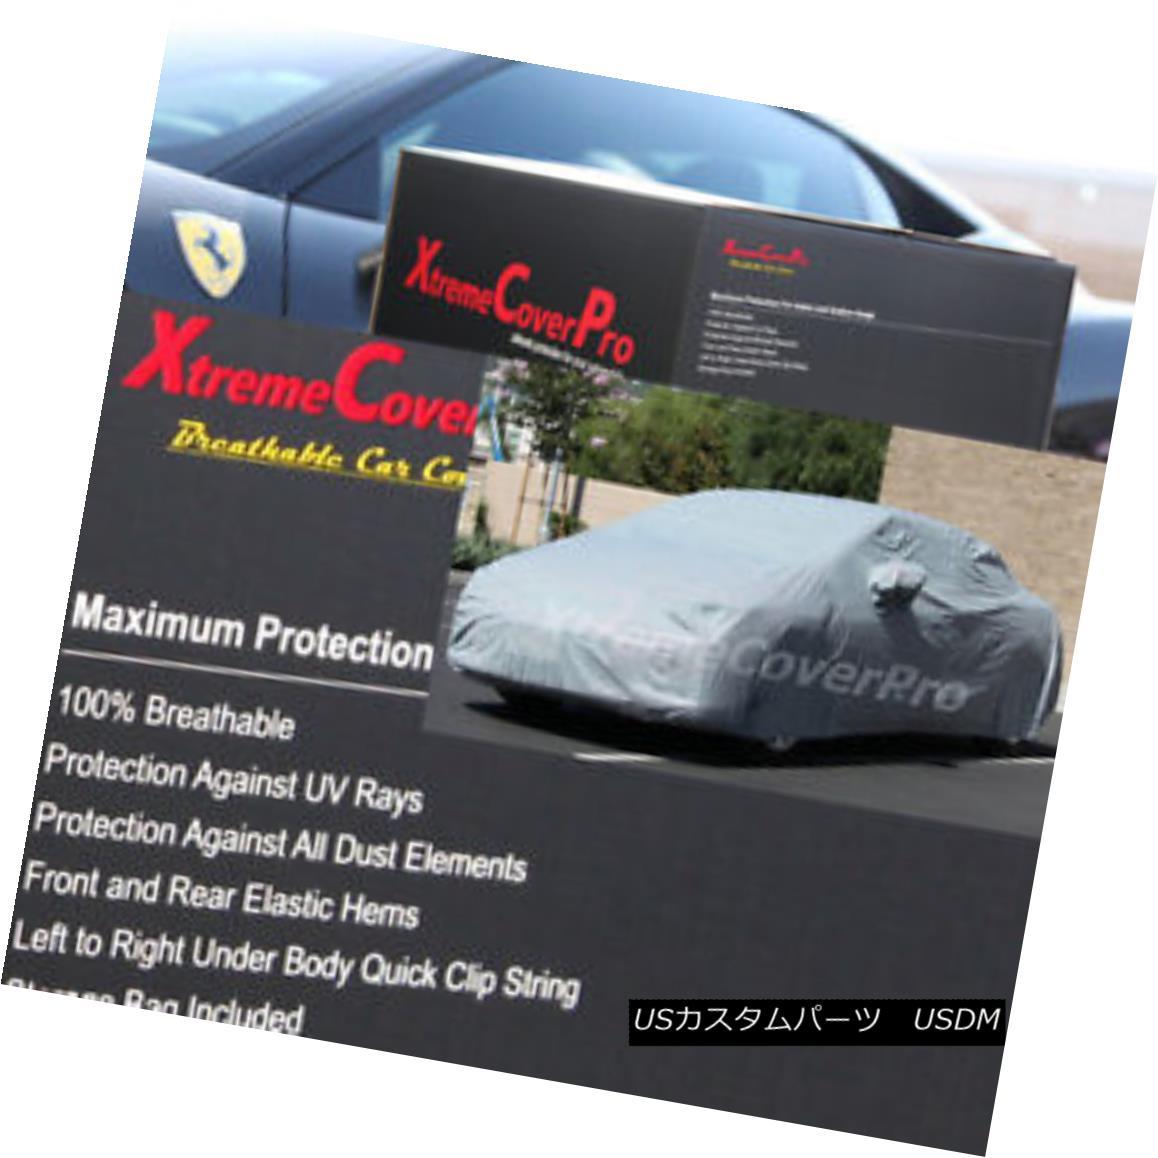 カーカバー 1997 1998 1999 Chevy Malibu Breathable Car Cover w/MirrorPocket 1997年1998年1999年シボレーマリブ通気性車カバー付き(MirrorPocket)